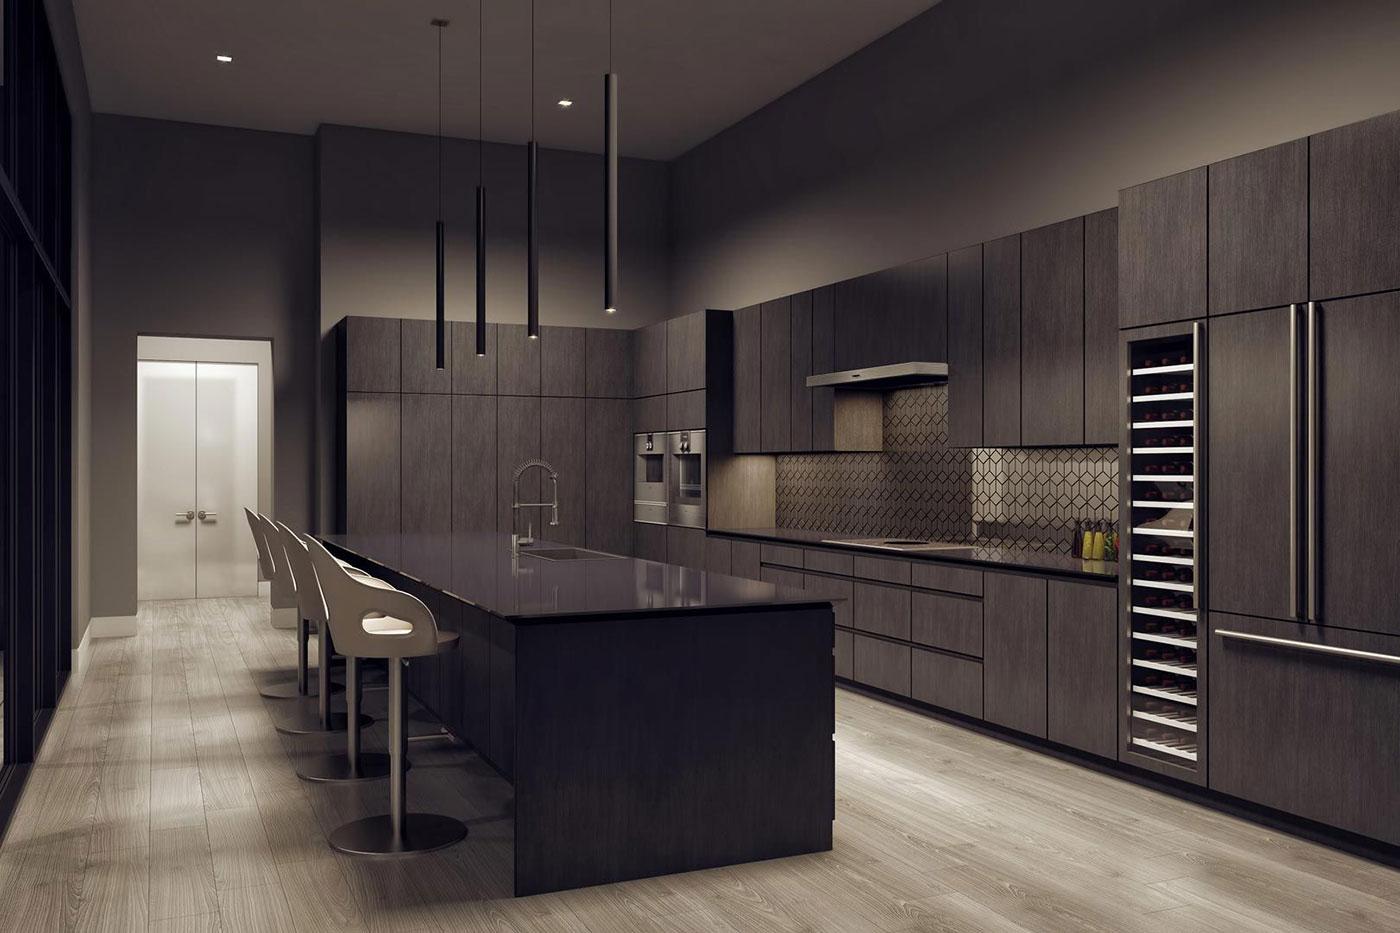 Obegi-Home-Giorgetti-Kitchens-5